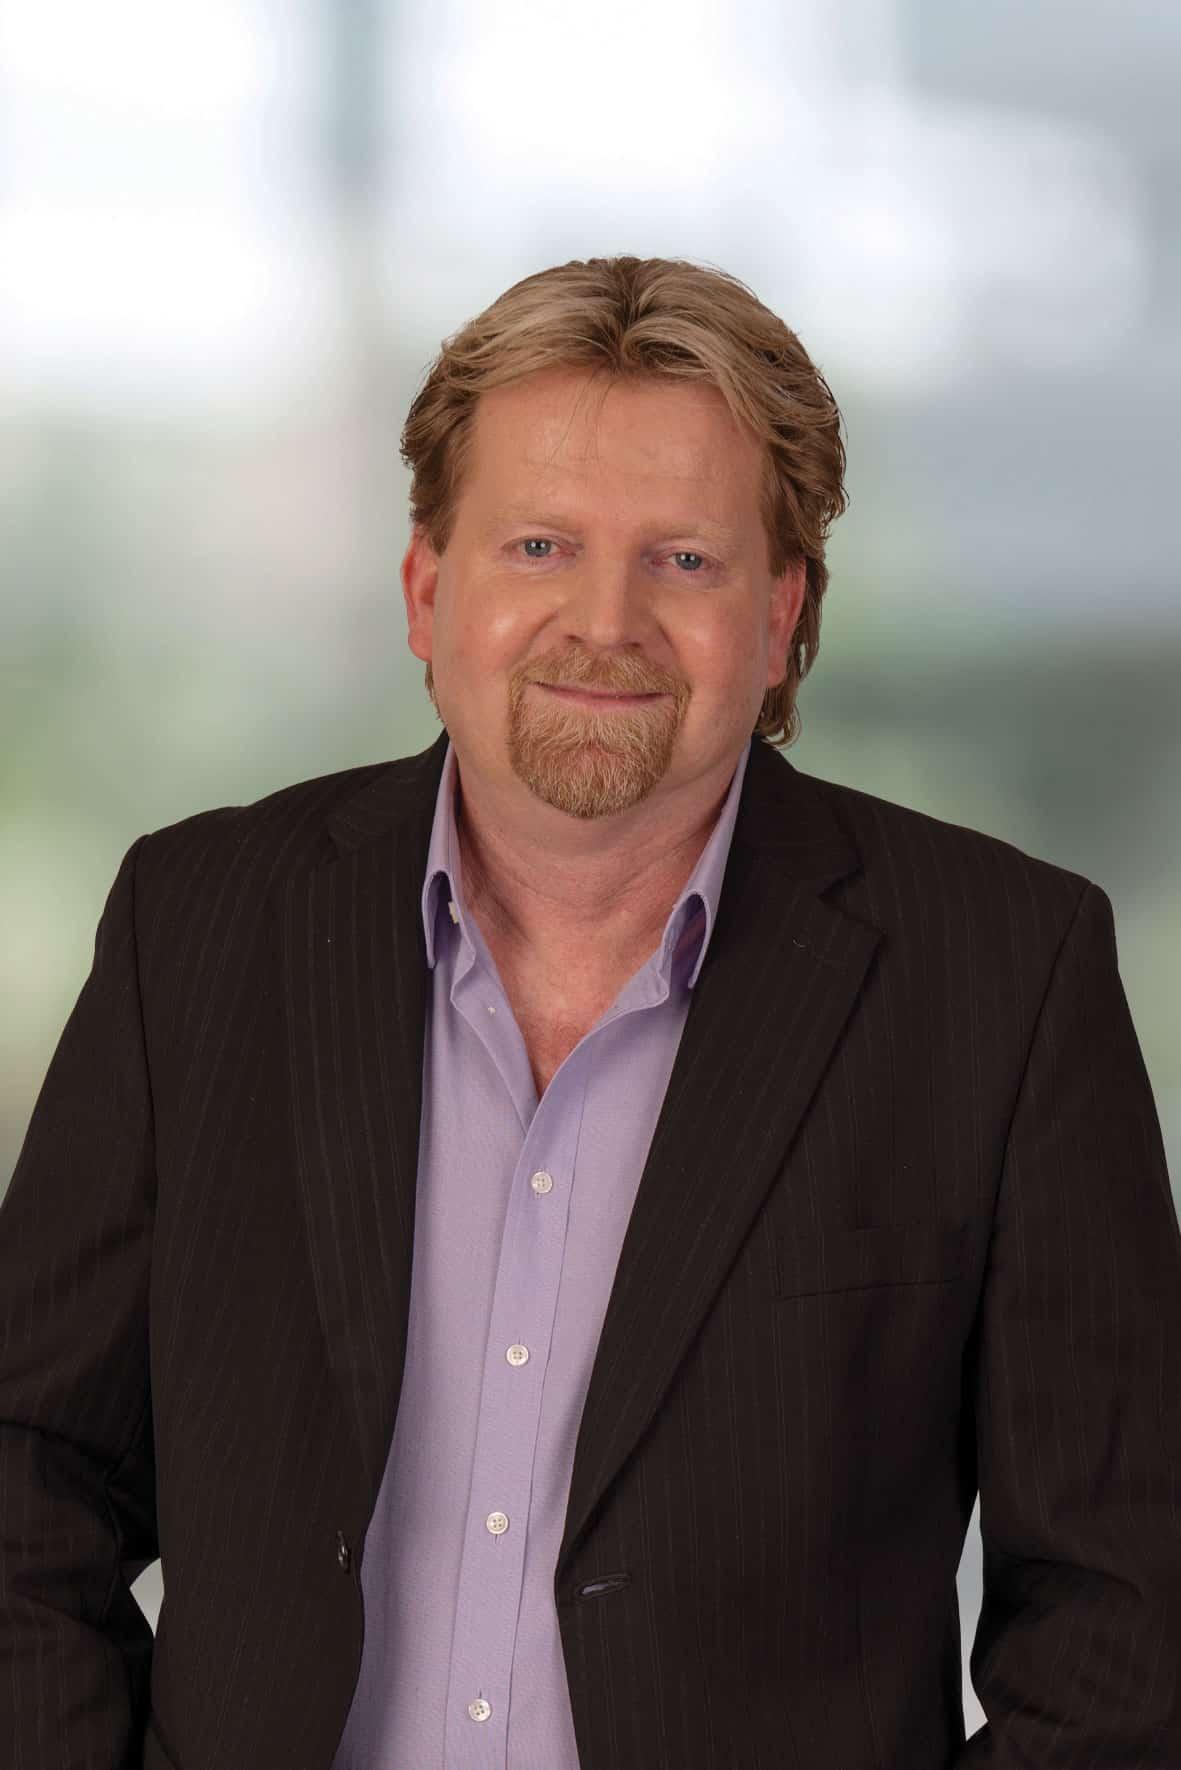 Thorsten Utzerath